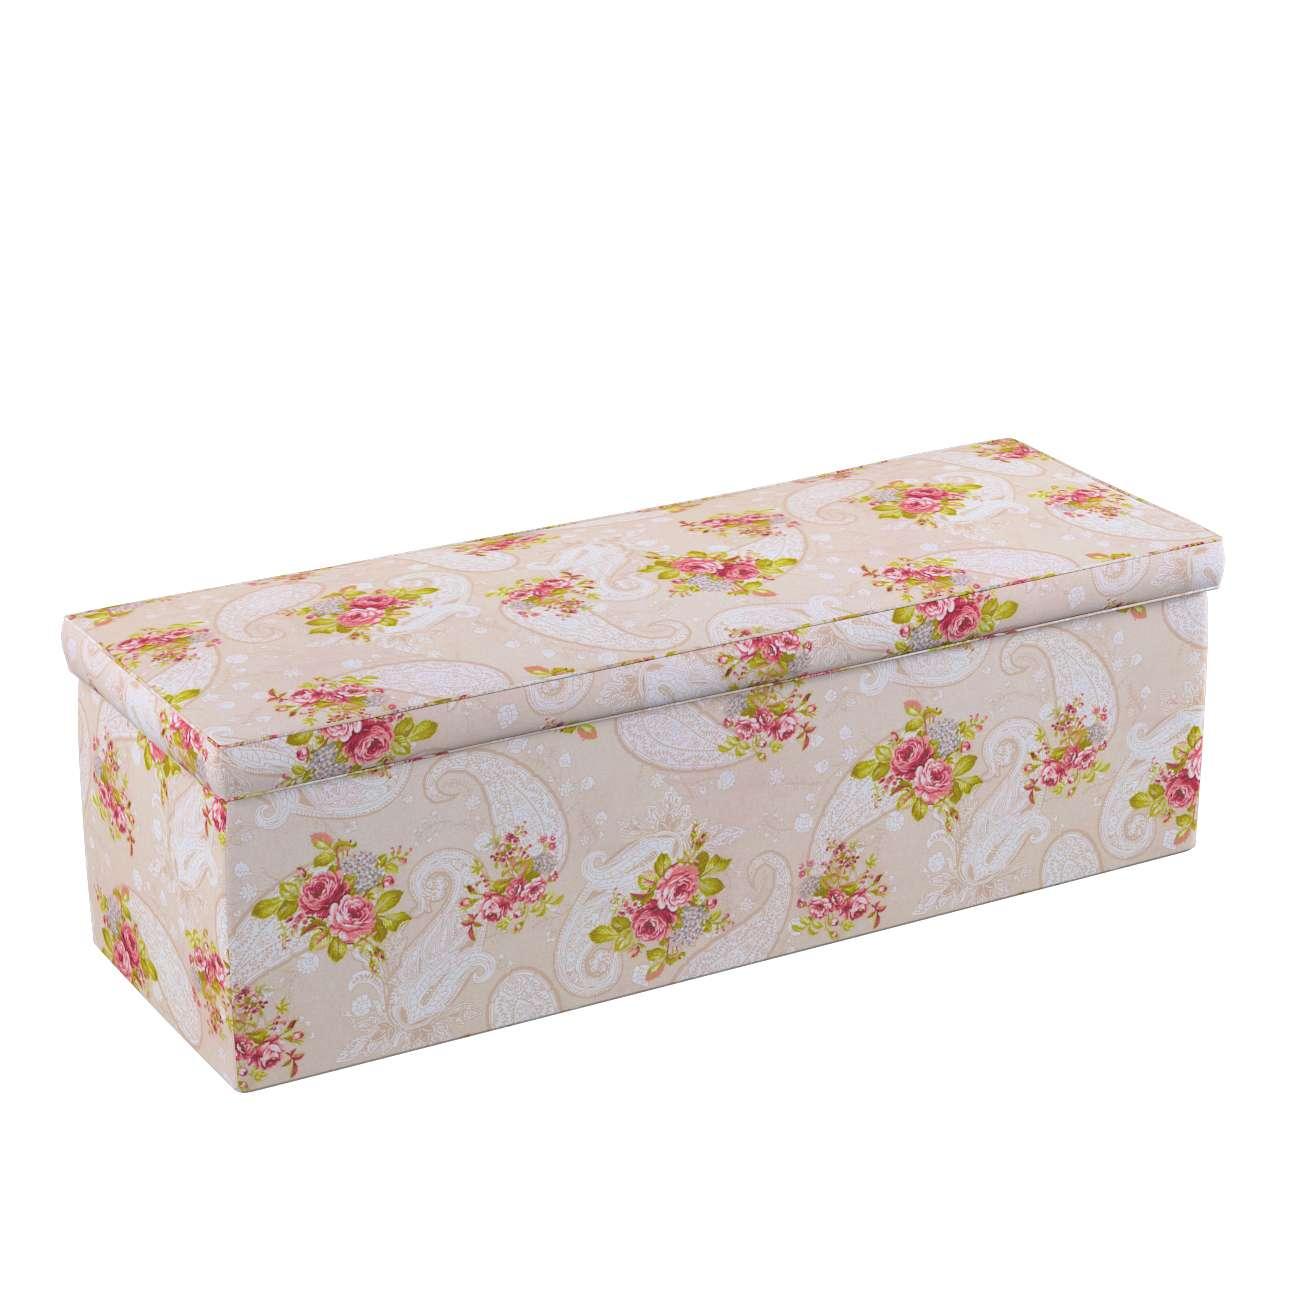 Truhlica čalúnená V kolekcii Flowers, tkanina: 311-15